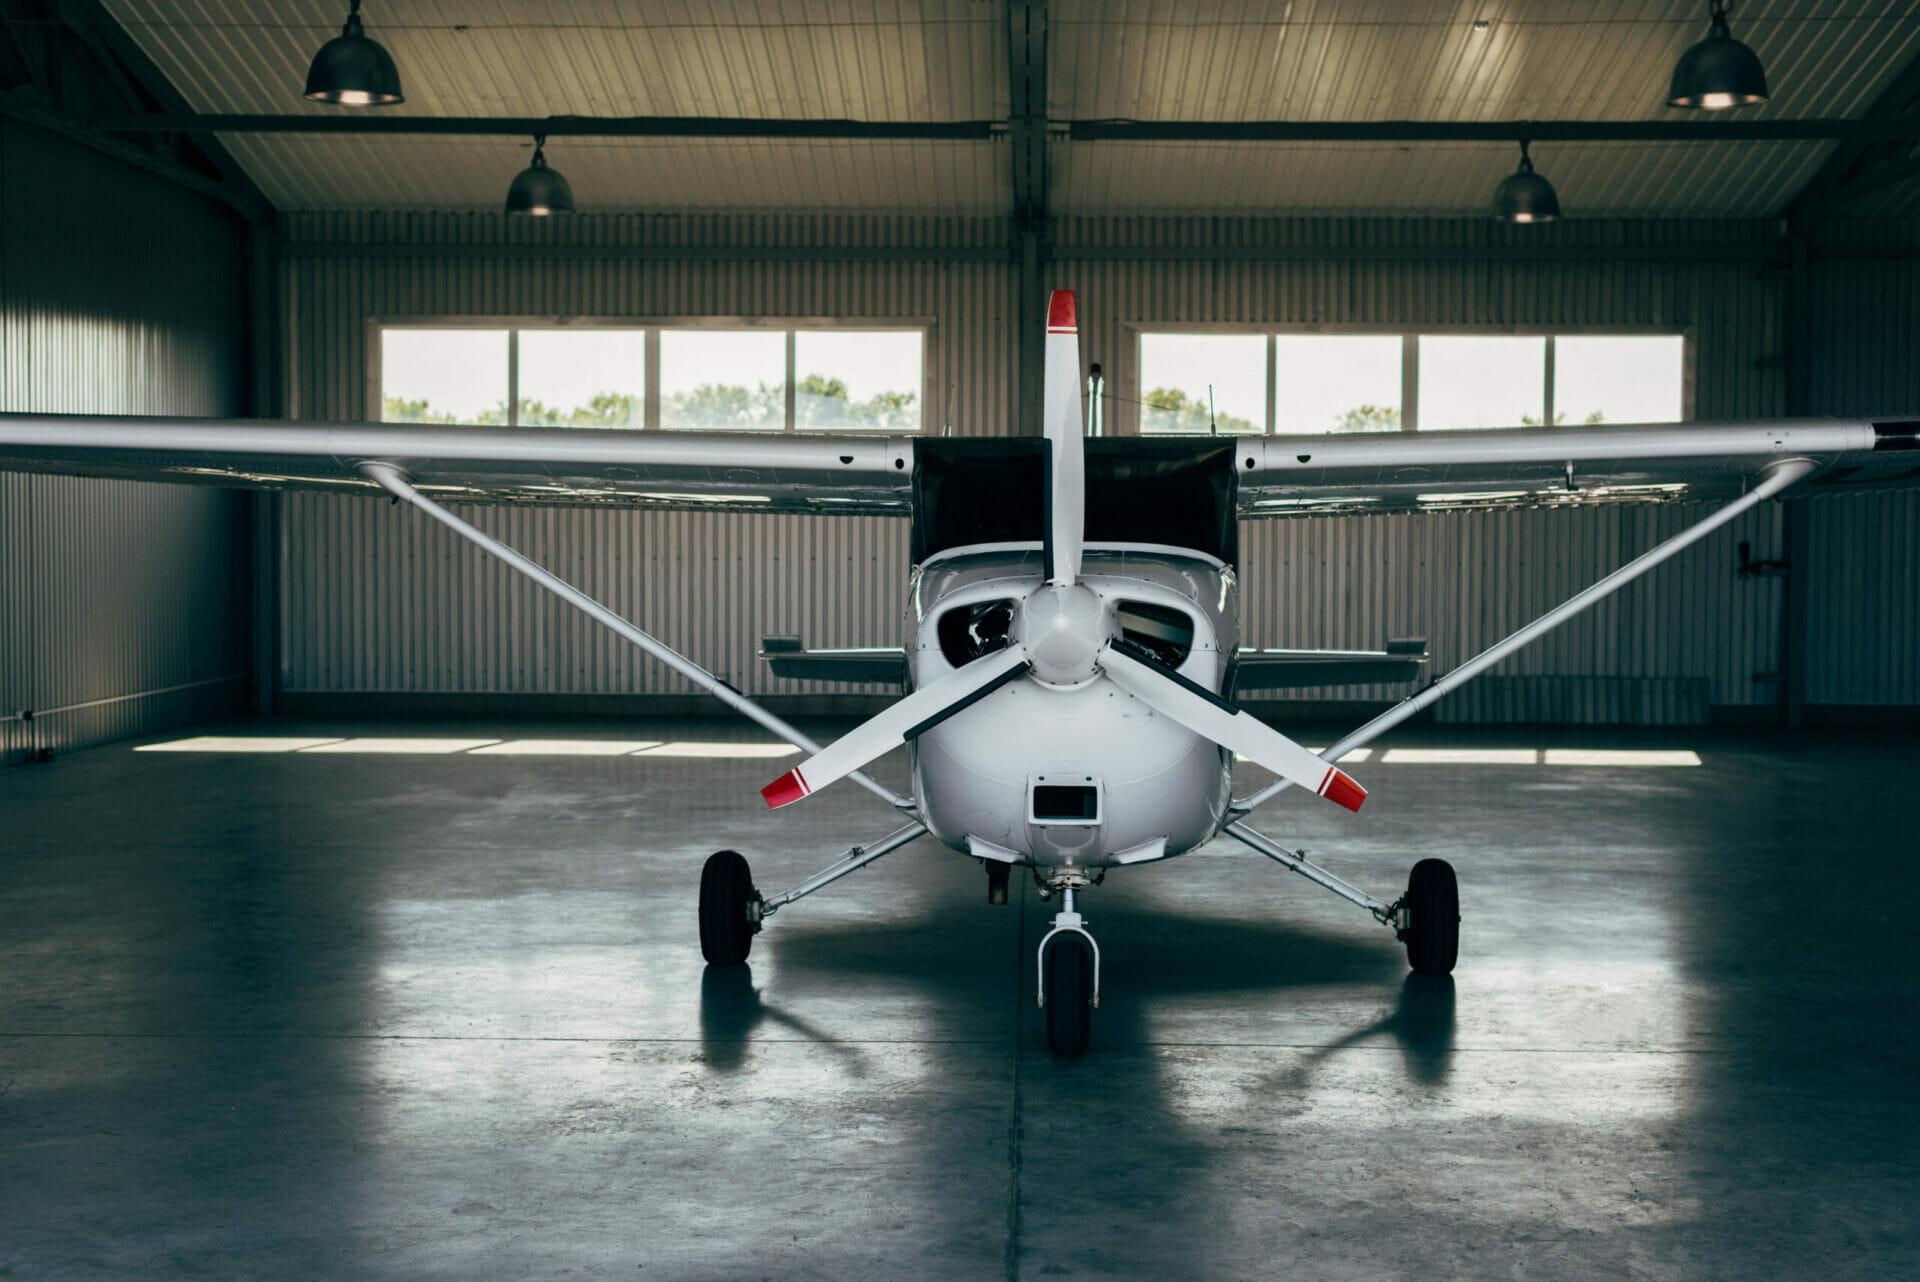 steel building airplane hangar